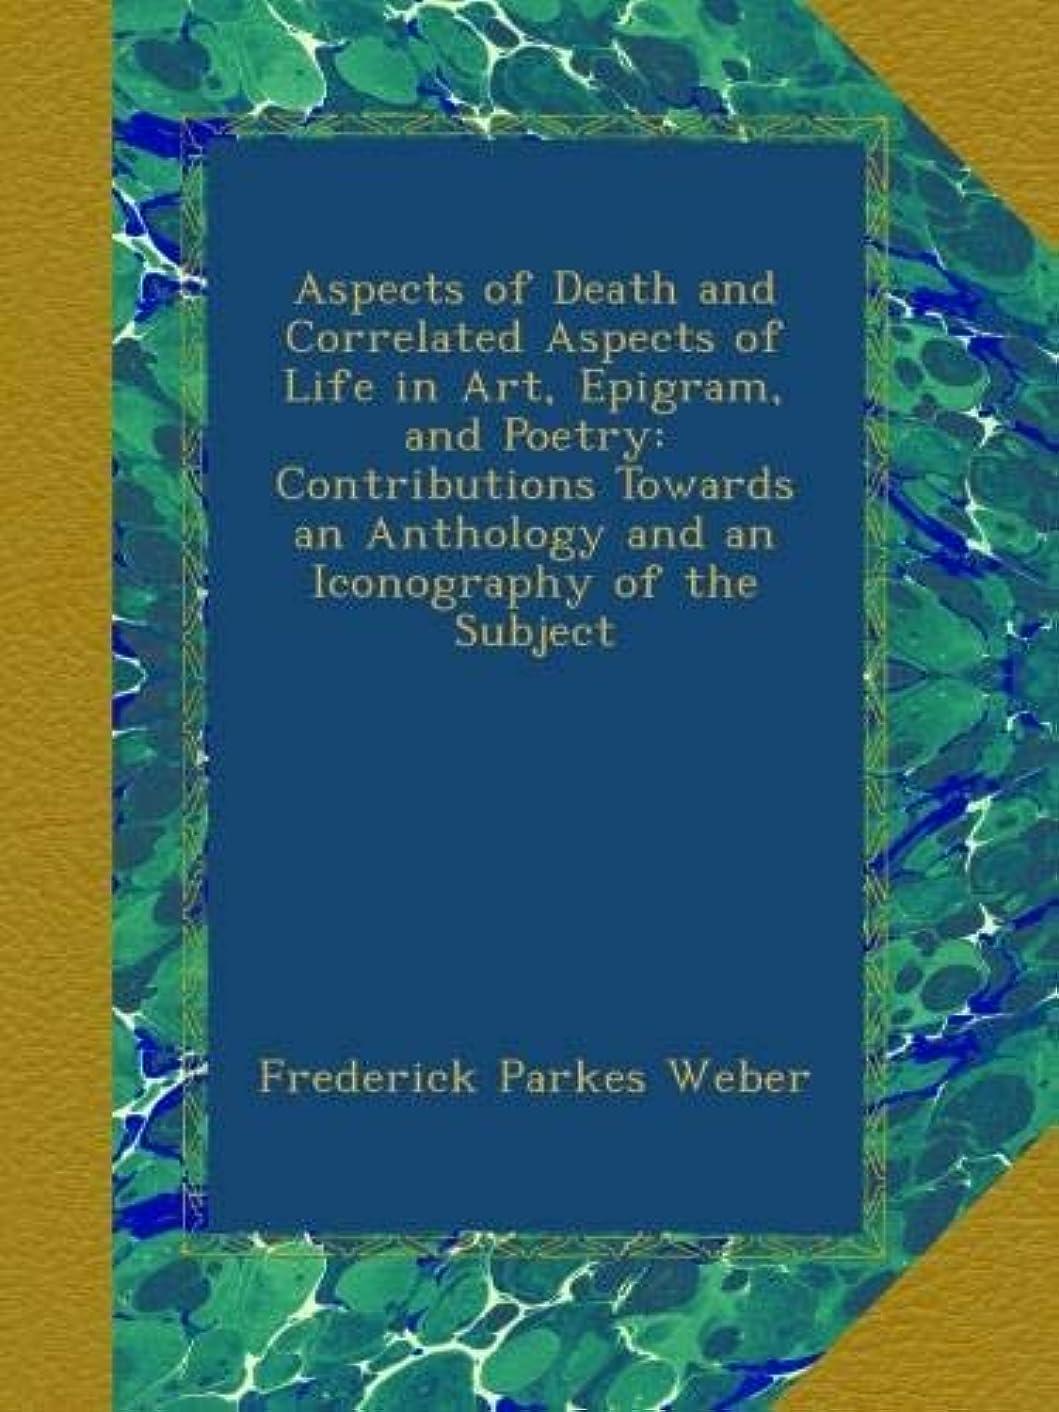 ジャンクション幾分データAspects of Death and Correlated Aspects of Life in Art, Epigram, and Poetry: Contributions Towards an Anthology and an Iconography of the Subject